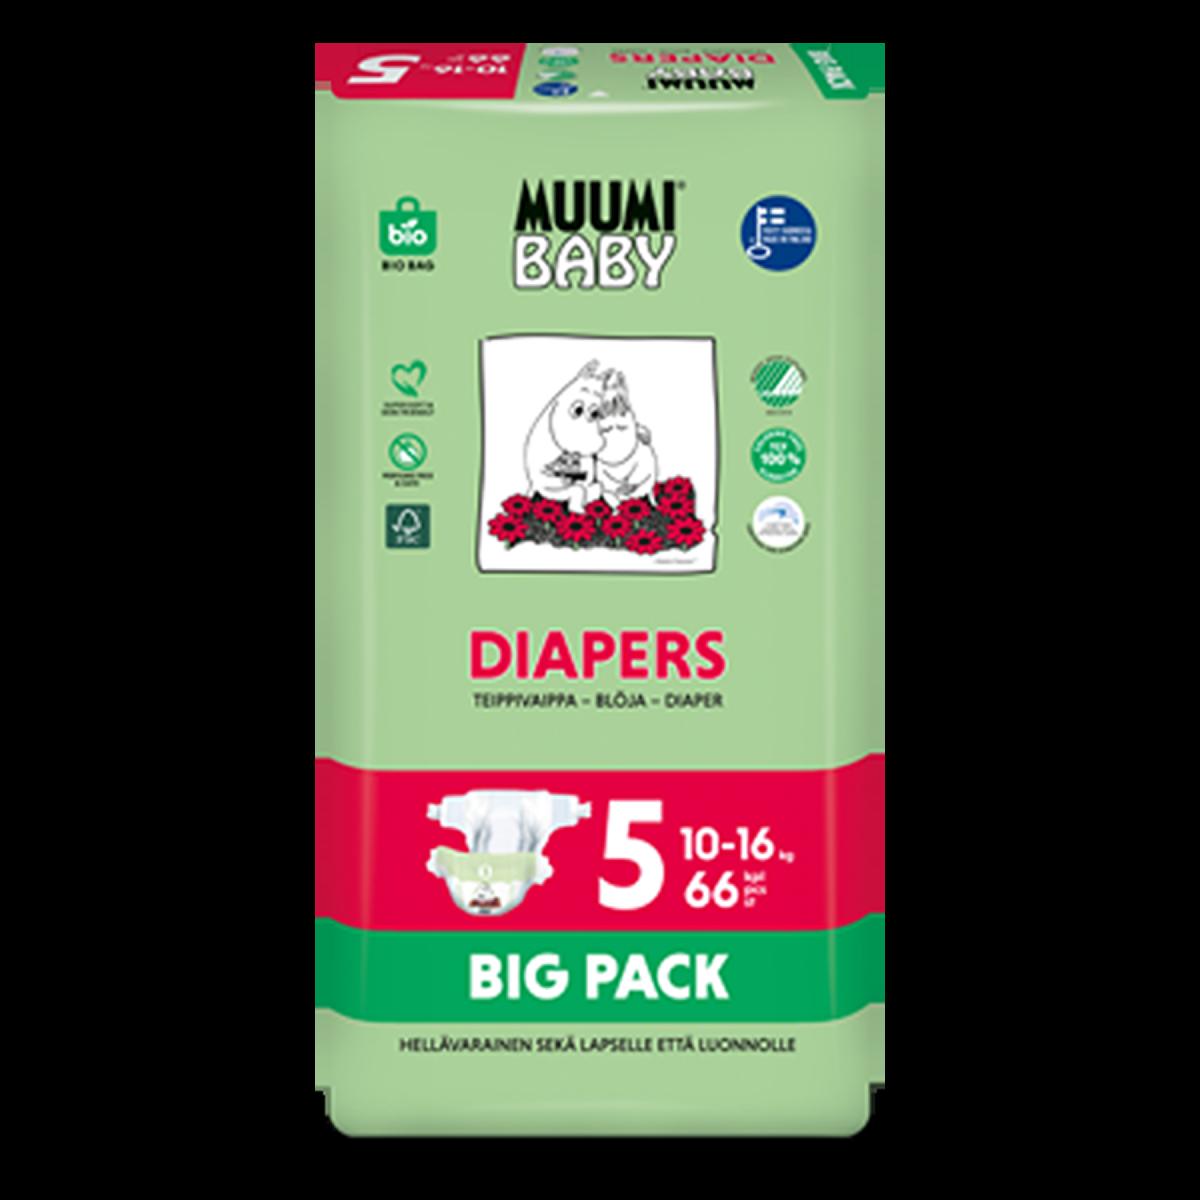 Muumibaby vaippapakkaus_Diapers Nr5 BigPack 66kpl